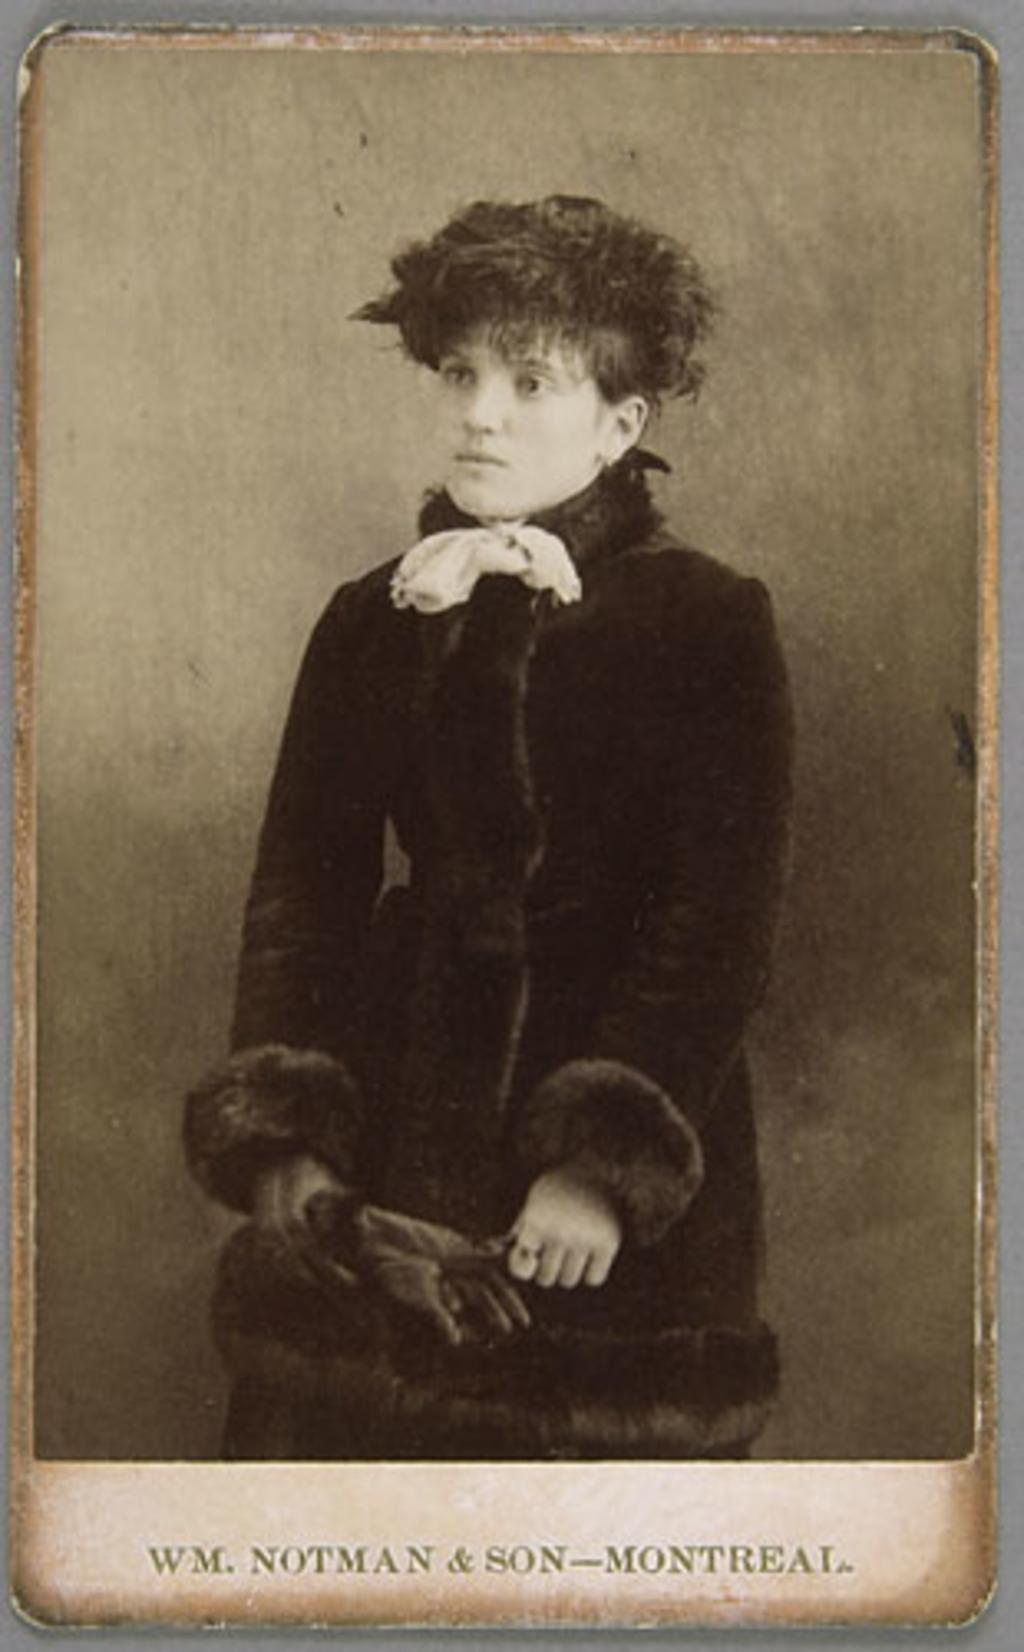 Berthe Murphy, de l'album de la famille Richer, dit Laflèche et Murphy